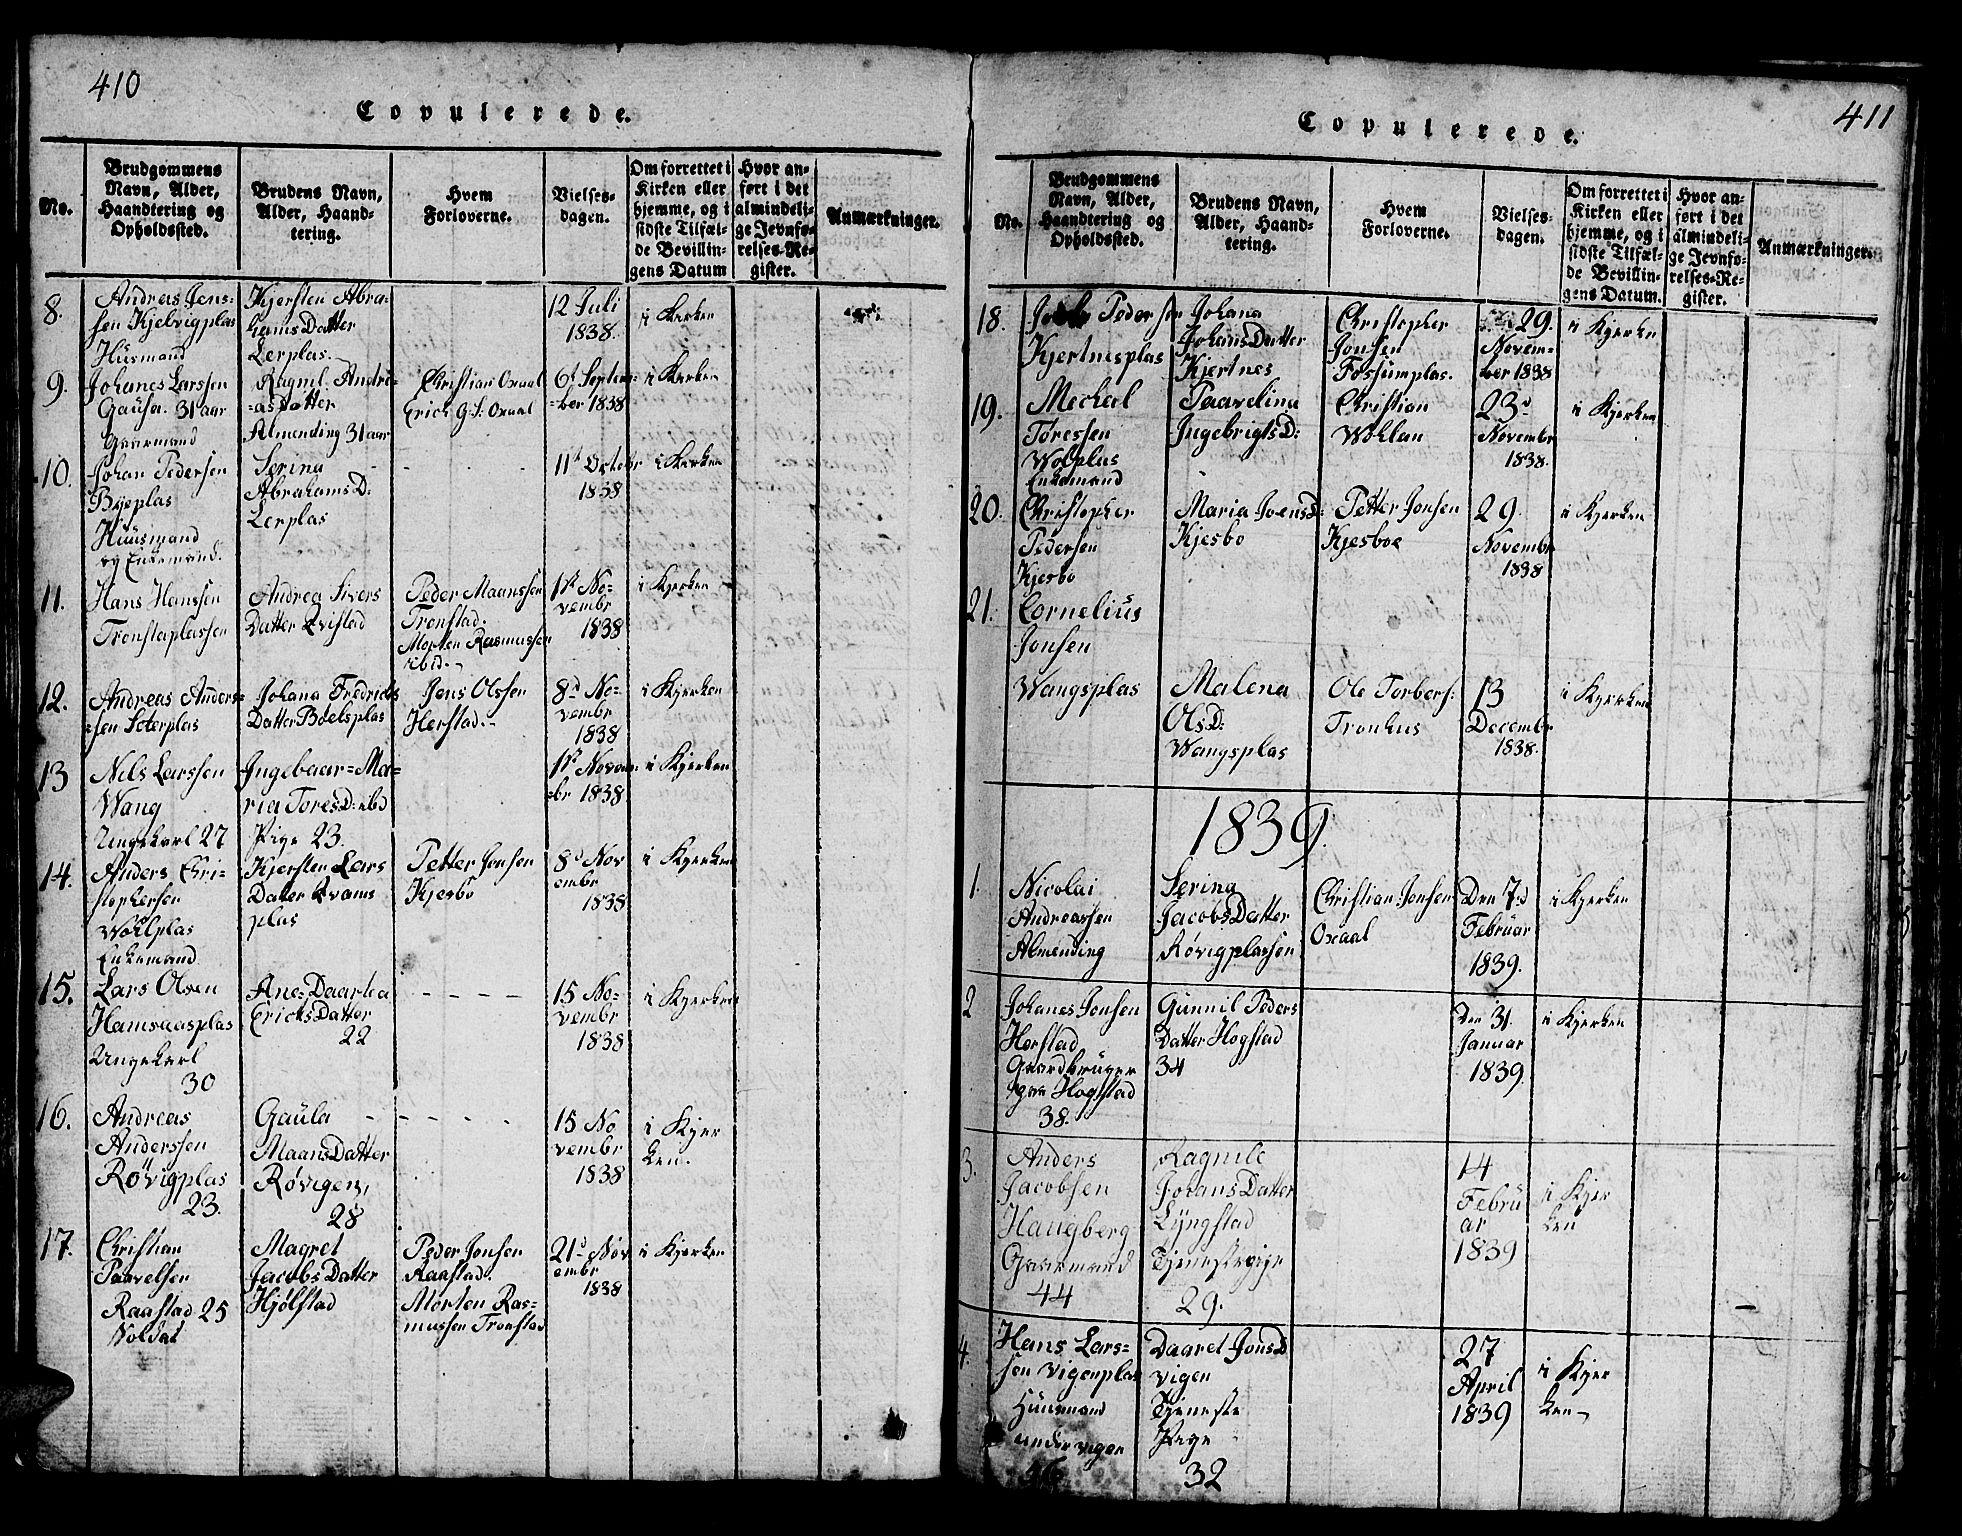 SAT, Ministerialprotokoller, klokkerbøker og fødselsregistre - Nord-Trøndelag, 730/L0298: Klokkerbok nr. 730C01, 1816-1849, s. 410-411